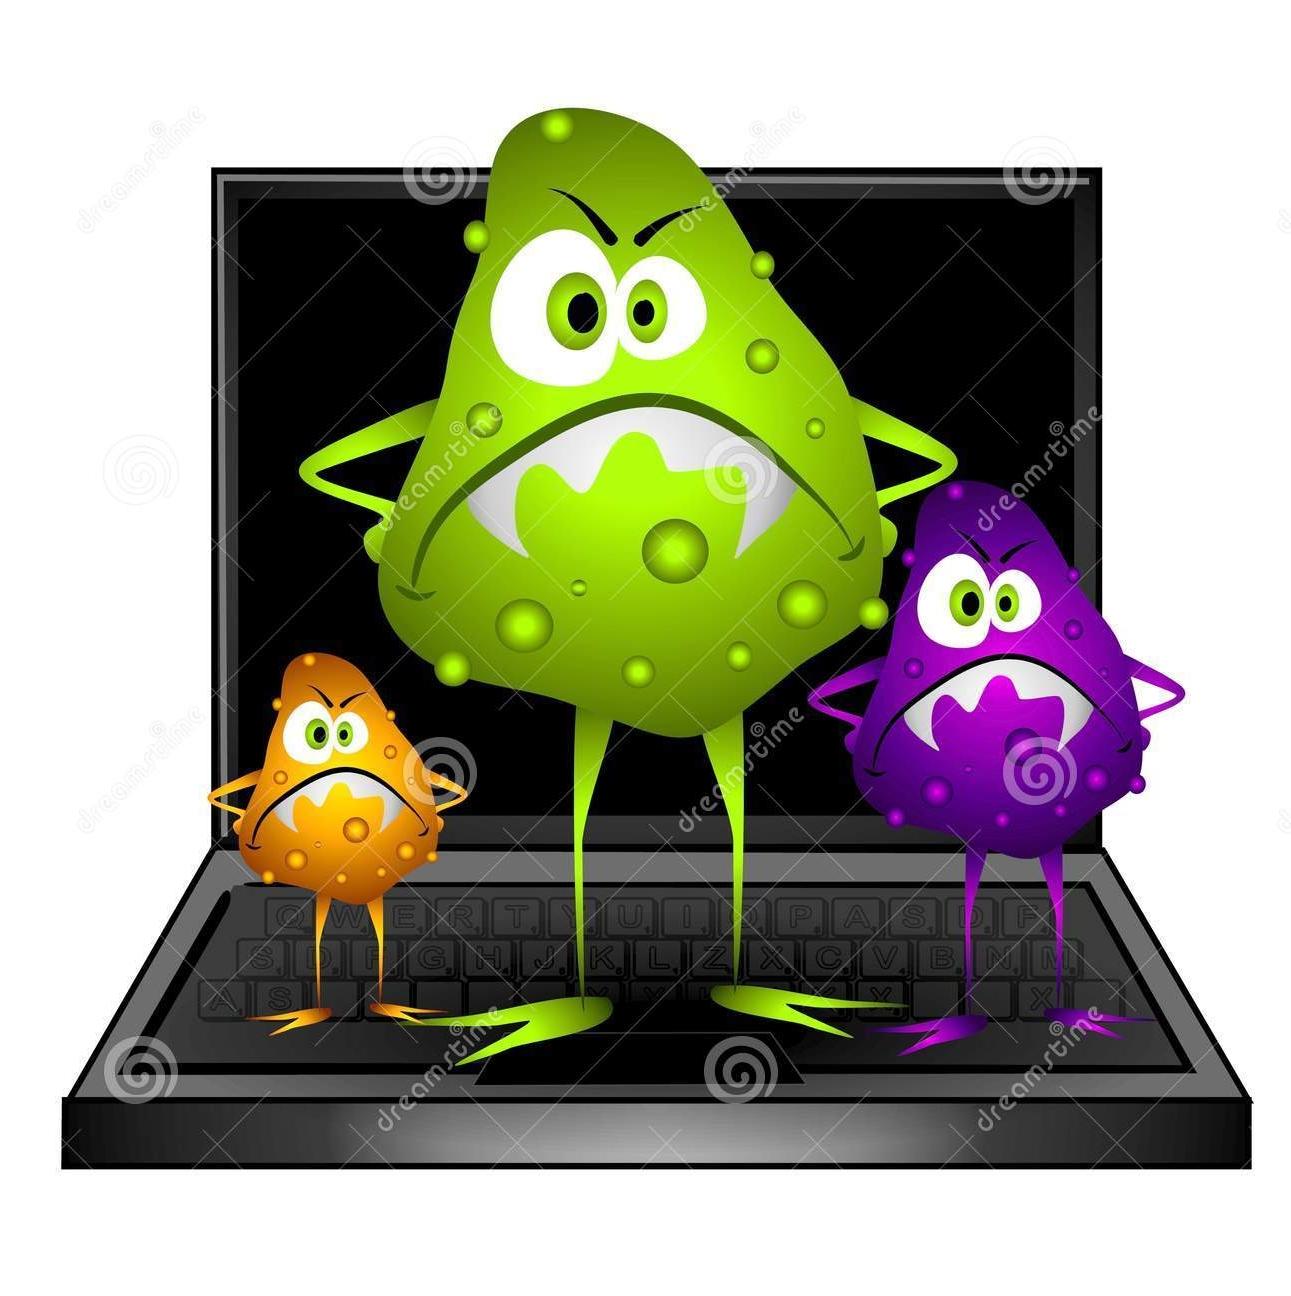 Tại sao nên sử dụng phần mềm diệt virus Bitdefender?